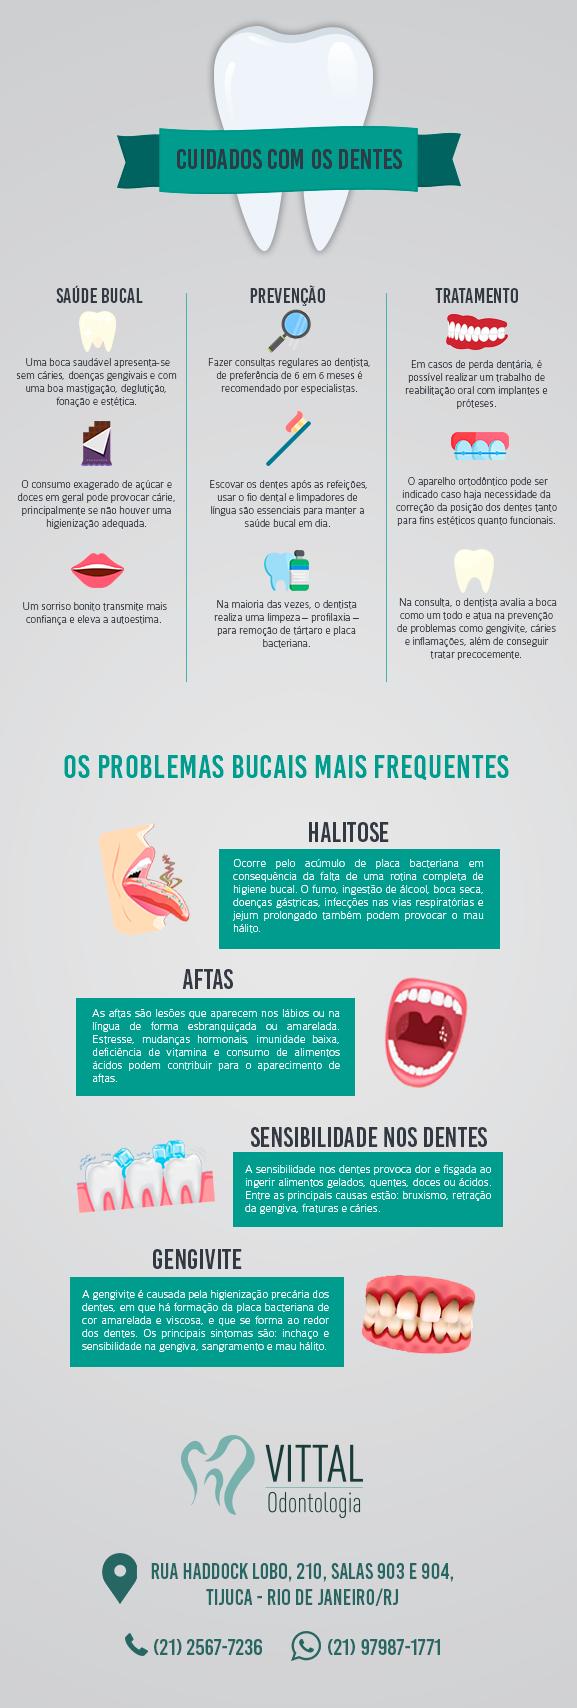 Cuidados com os dentes | Infográfico Vittal Odontologia